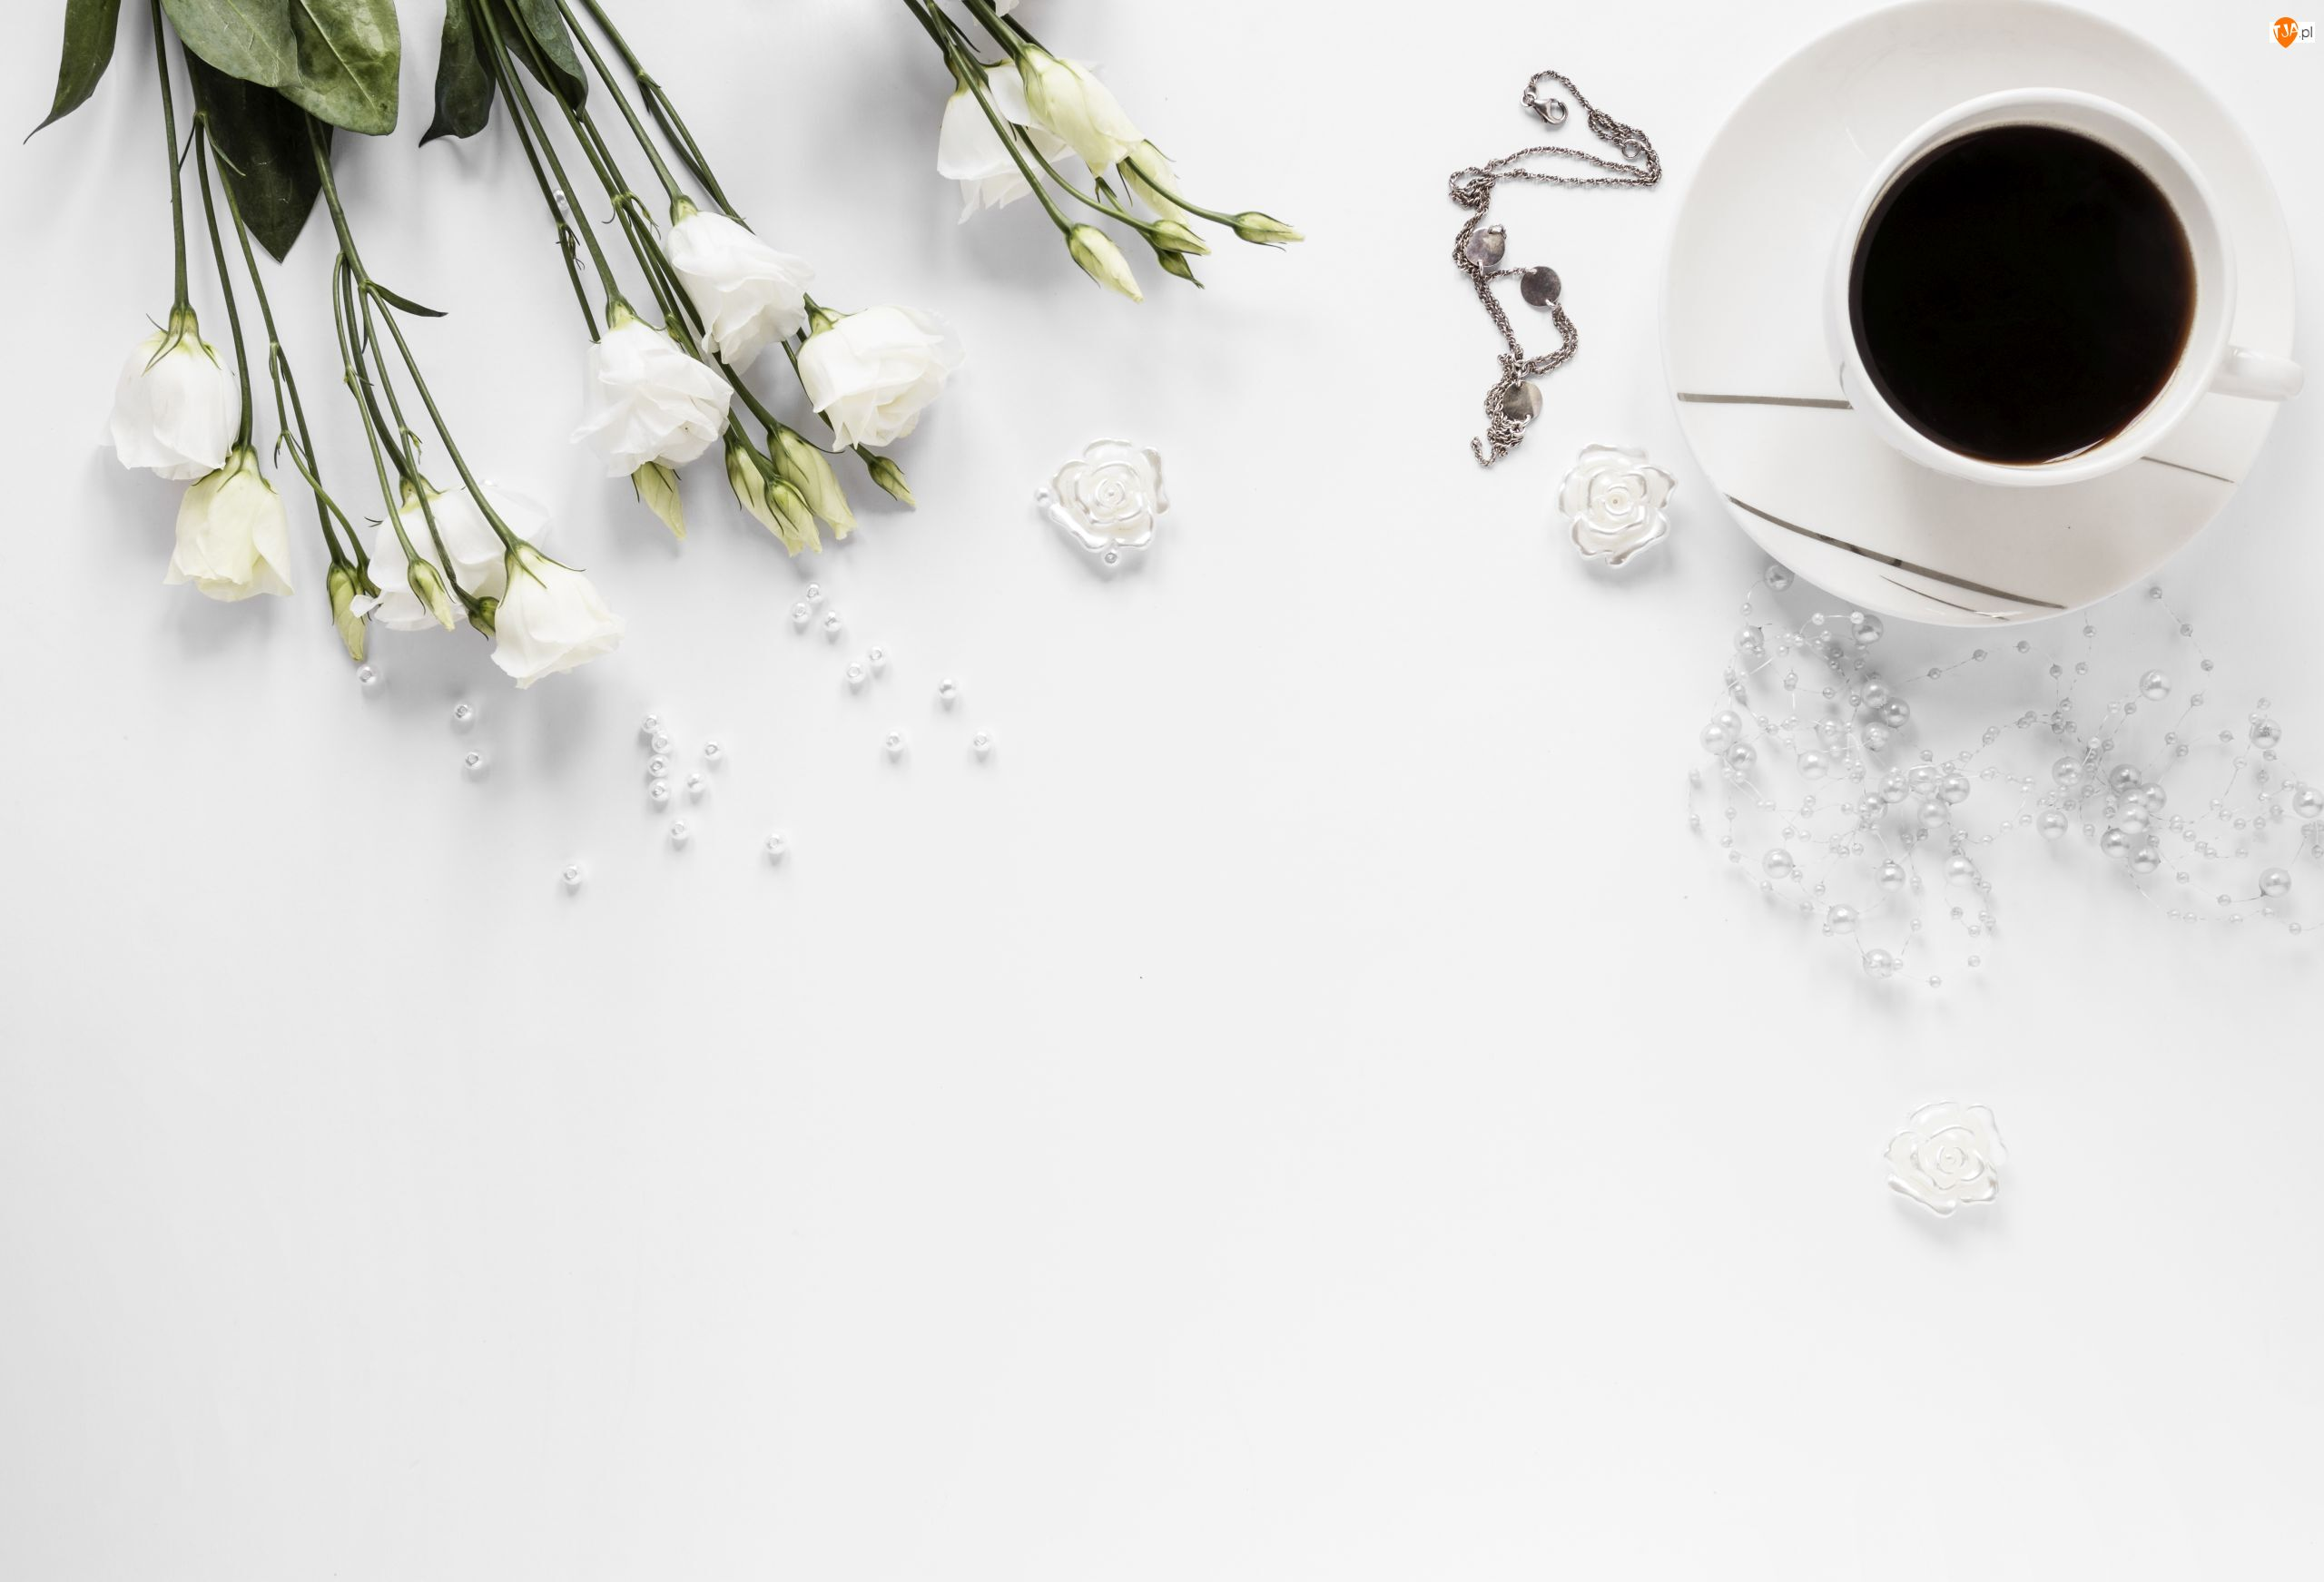 Białe, Kwiaty, Kawa, Tło, Eustomy, Białe